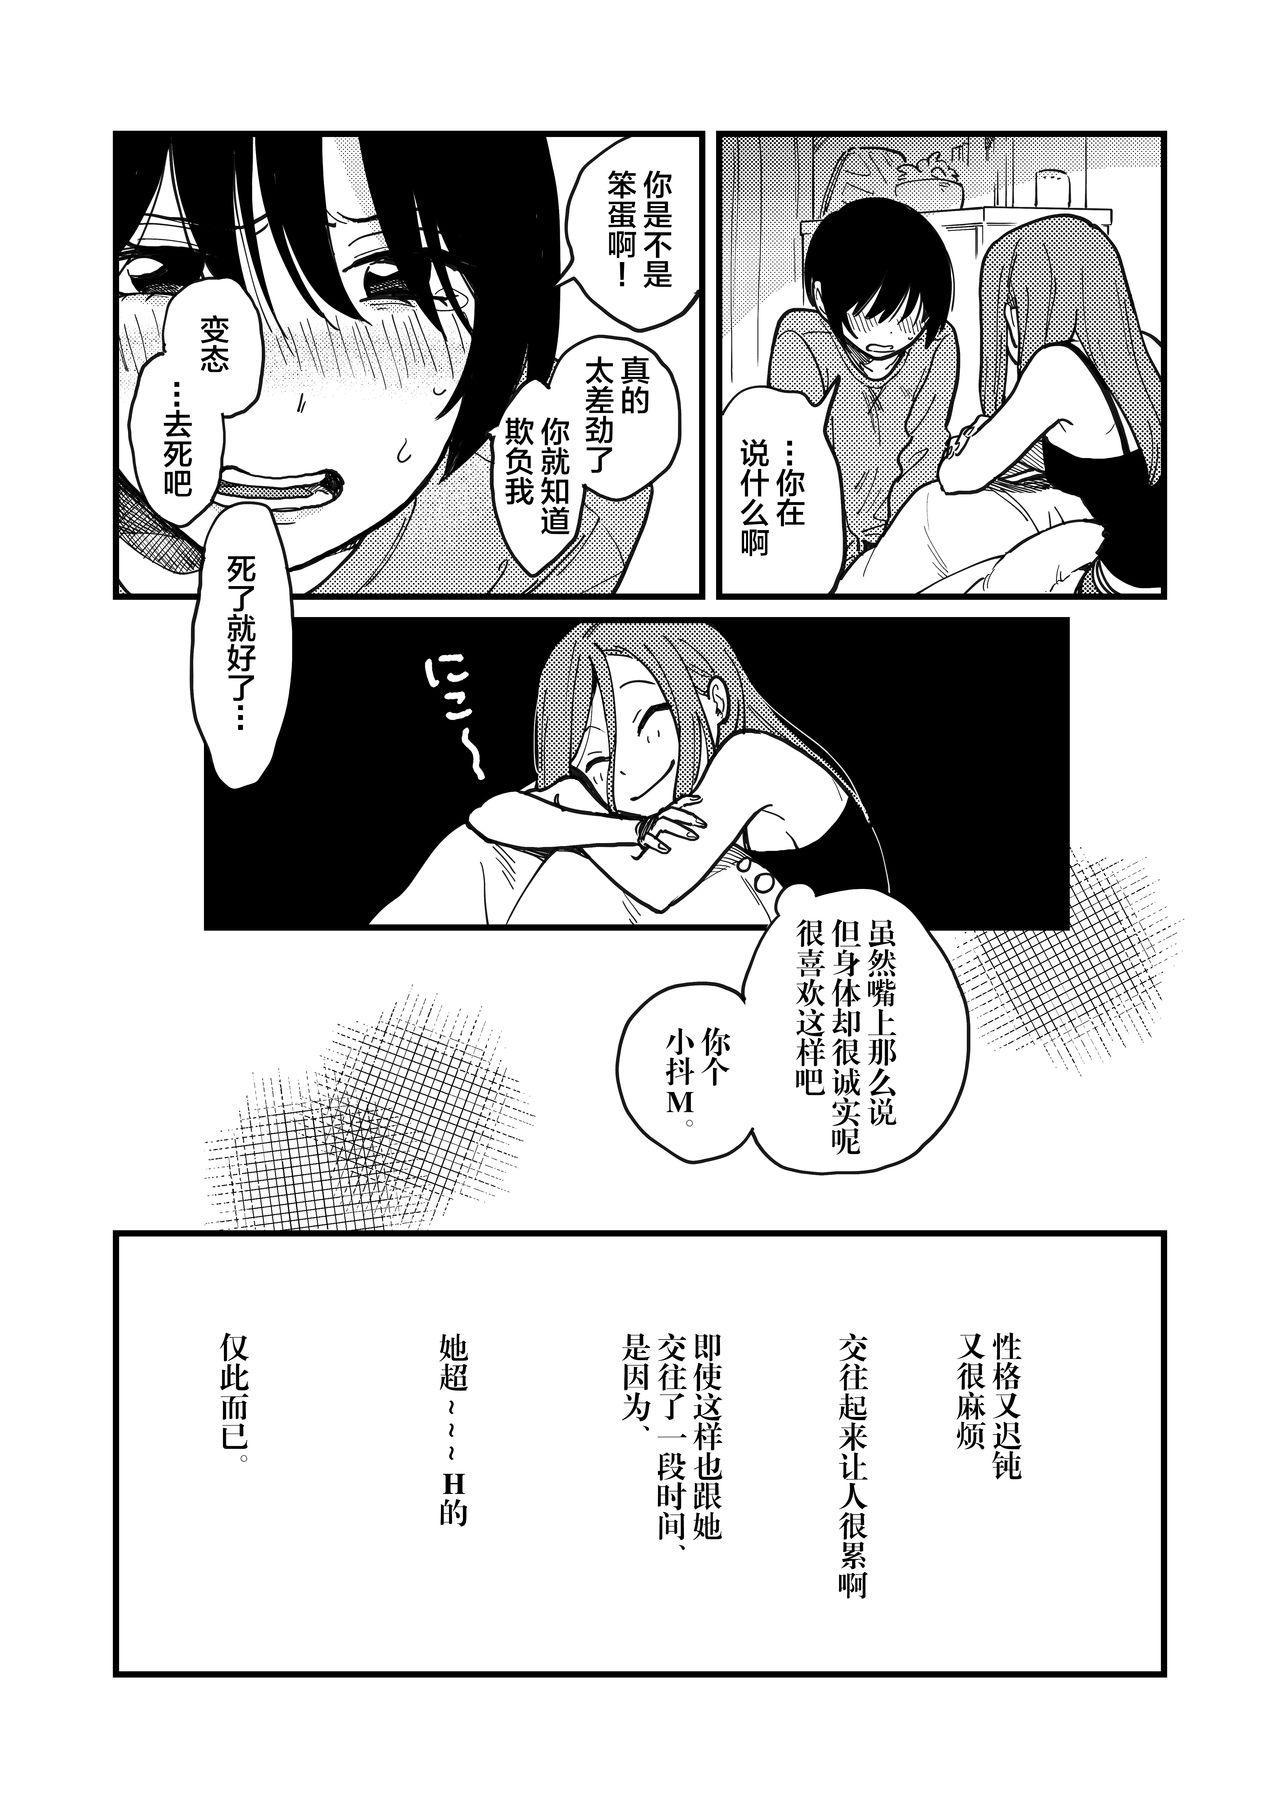 Tsukiatte Nai Kedo Yarimashita | 明明没有在交往,却还是做了 11